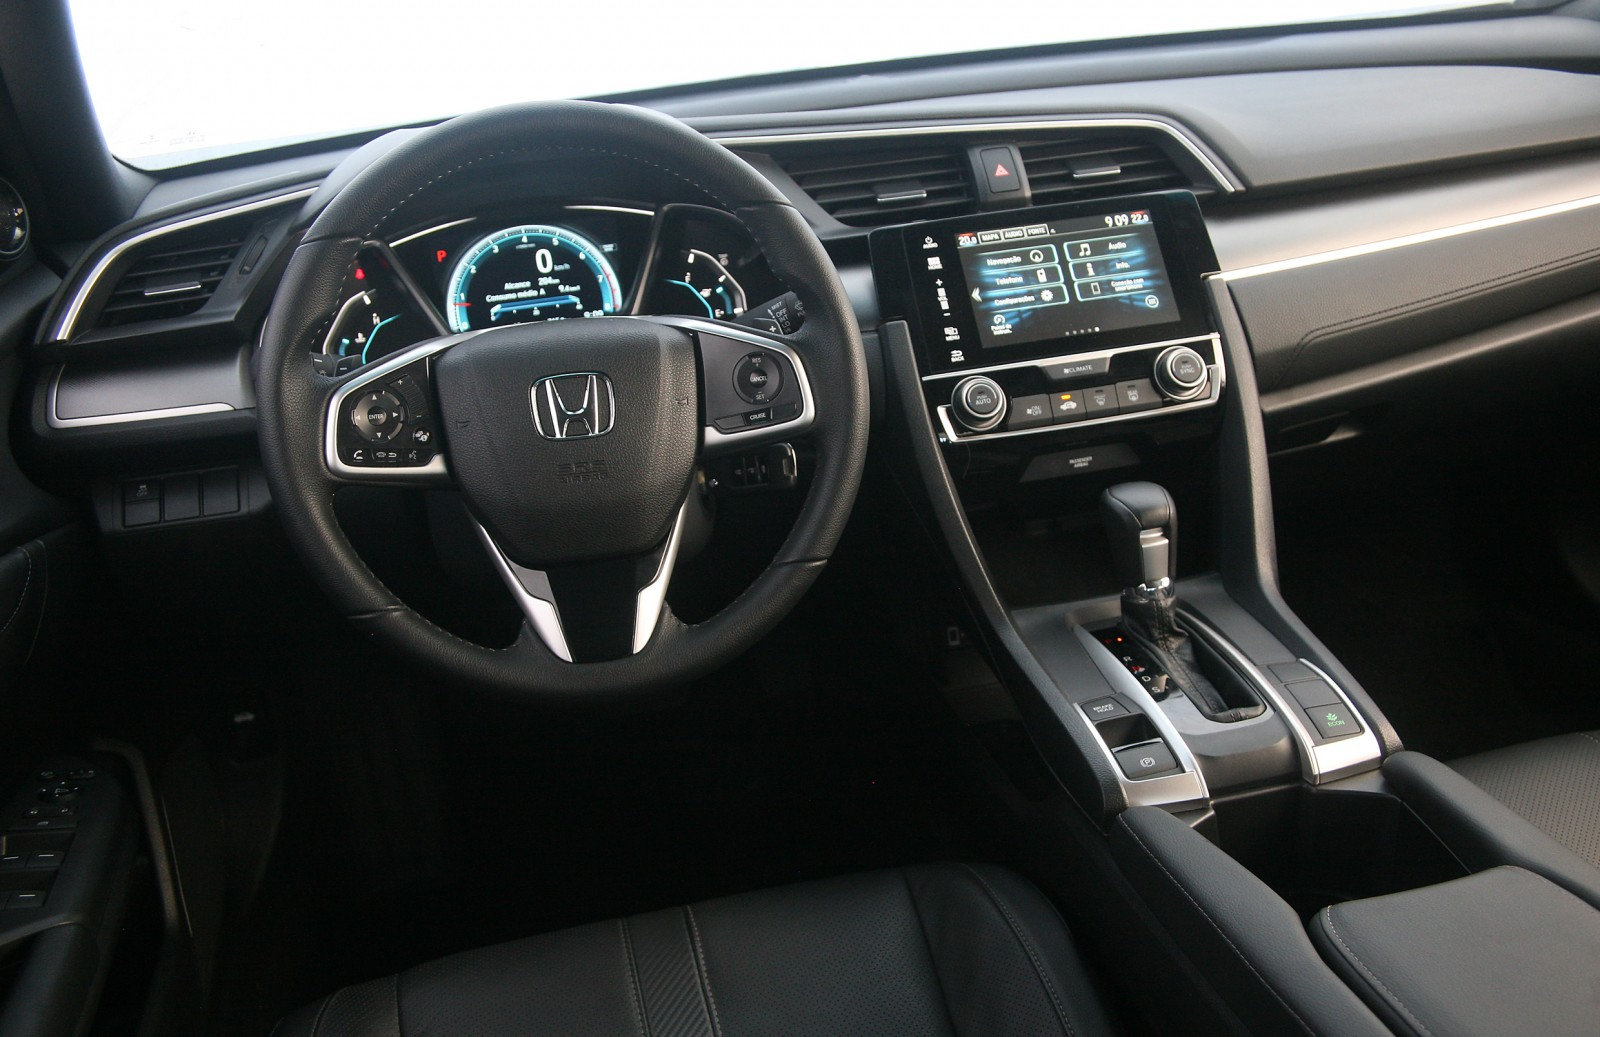 Avaliação: Honda Civic 2017 é ousado, afiado e sofisticado. Porém ...